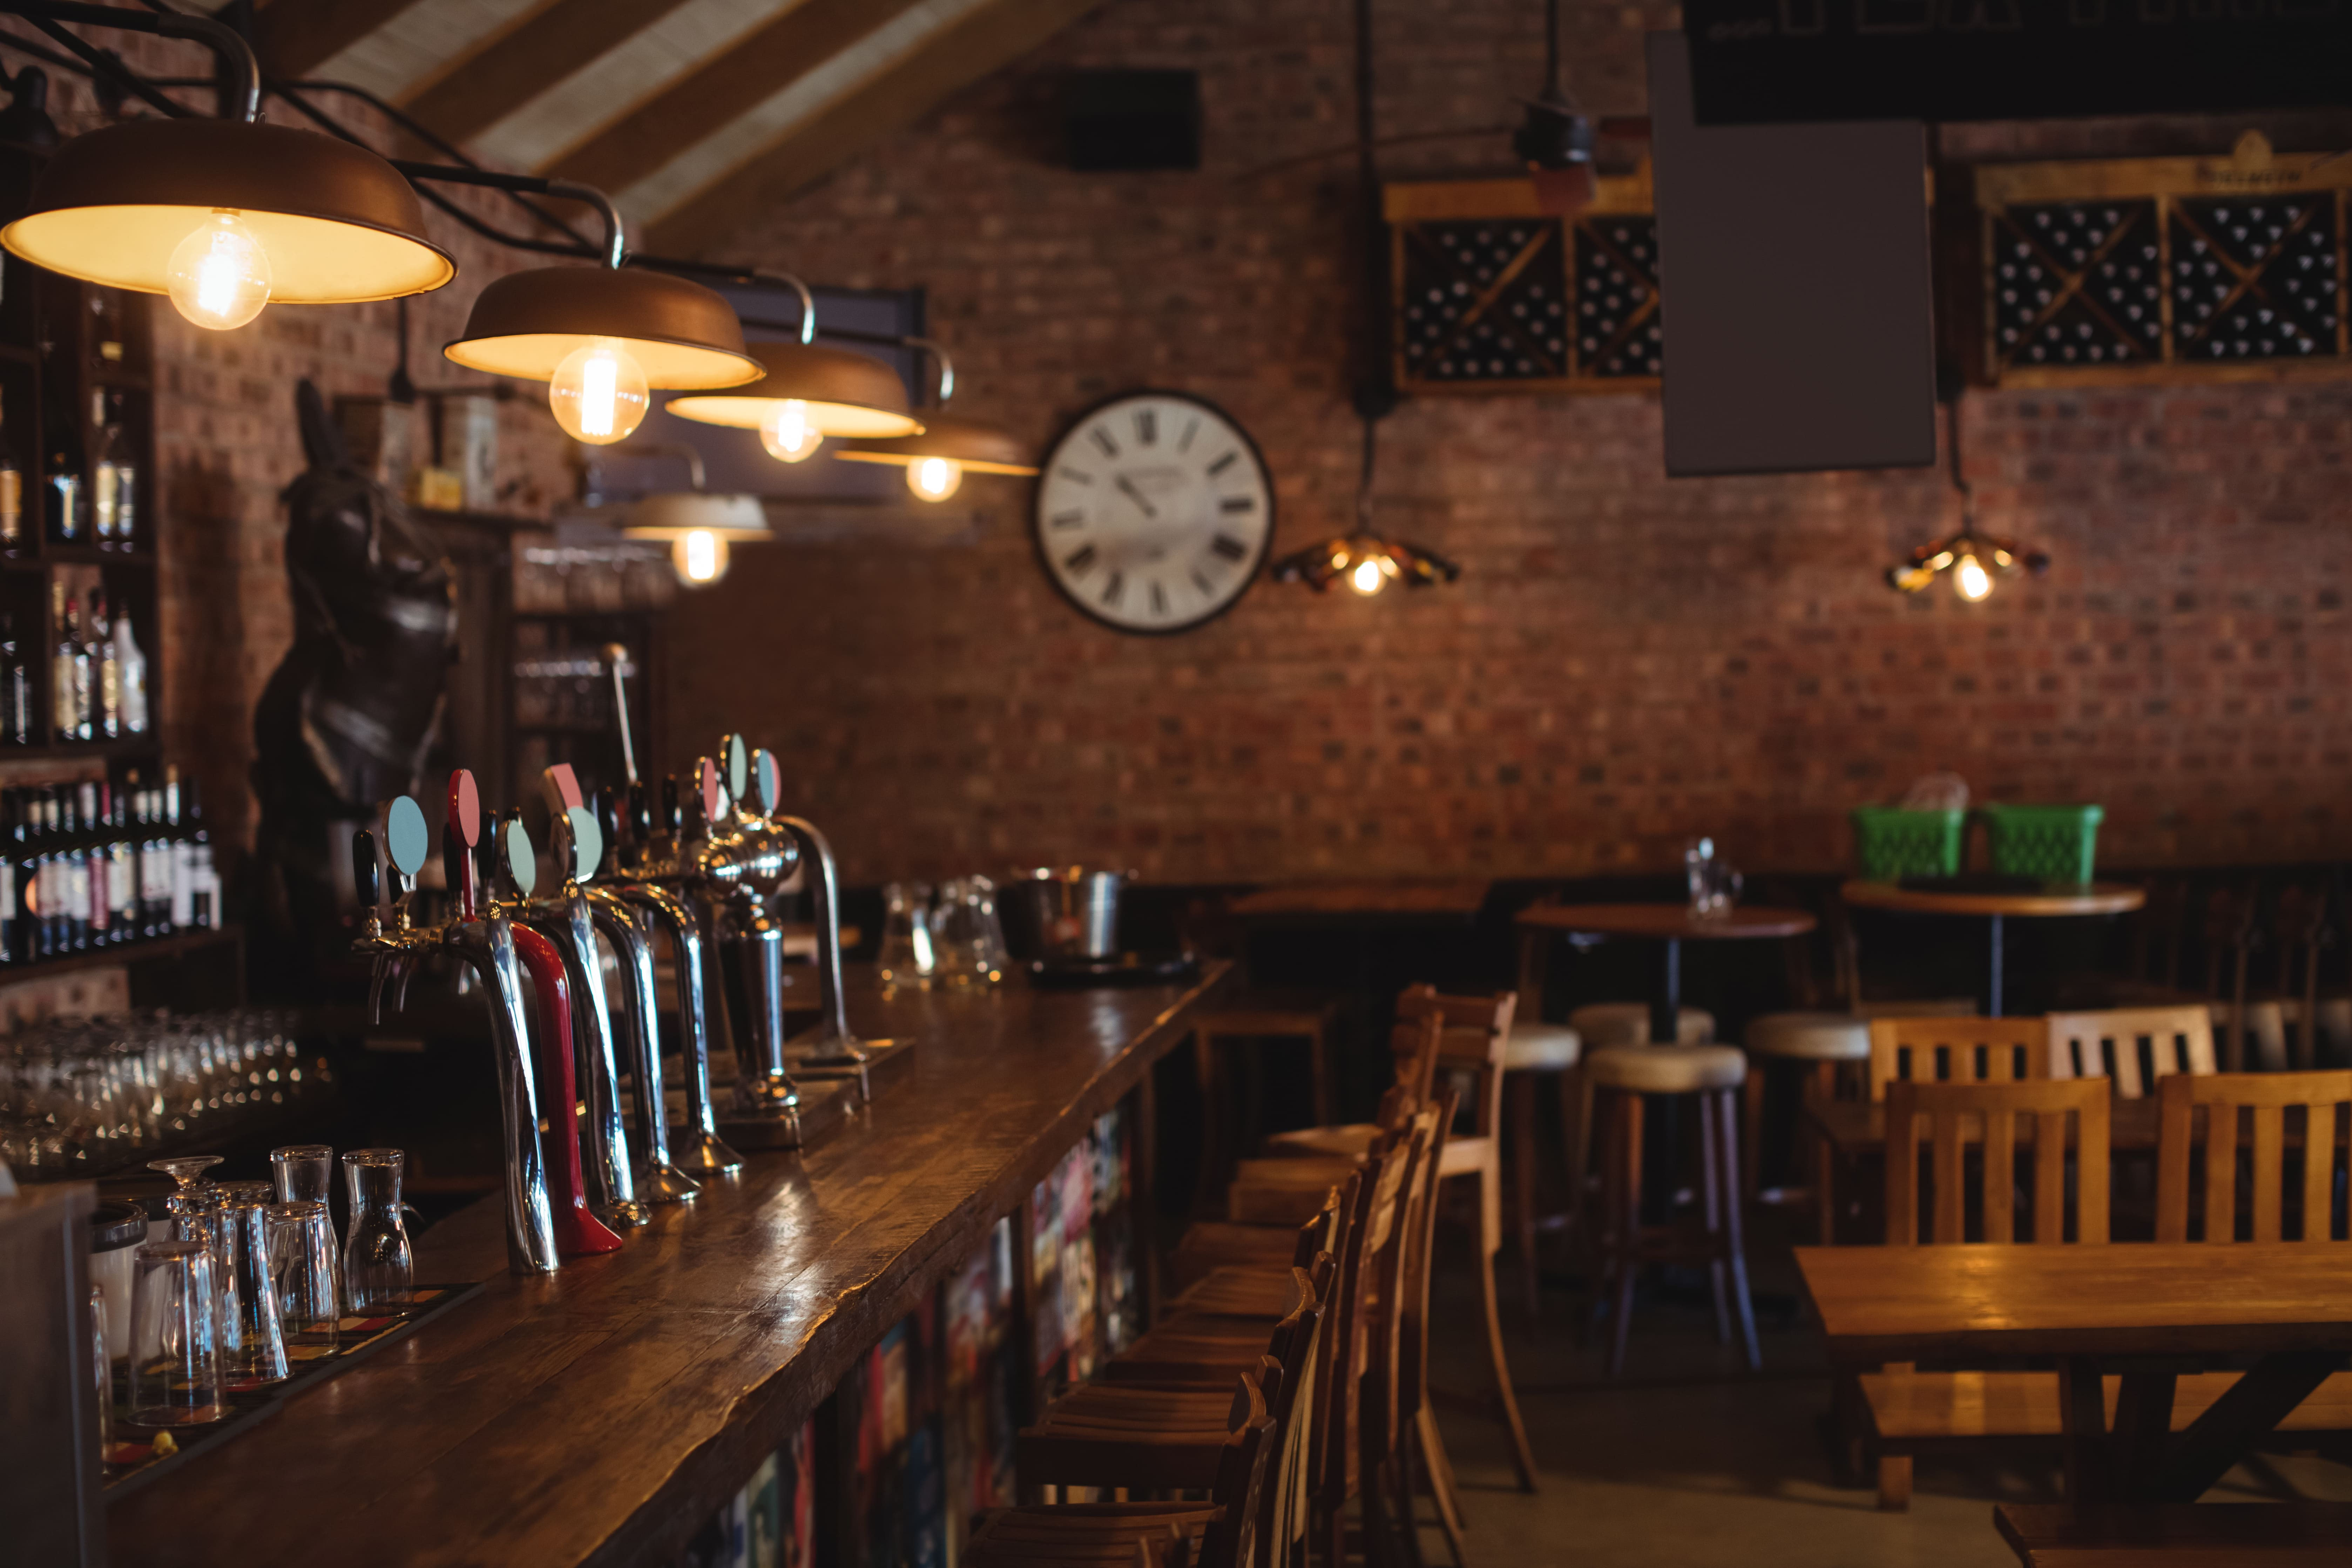 Imagem ilustrativa para inspirar o empreendedor que deseja abrir um pub em sua cidade